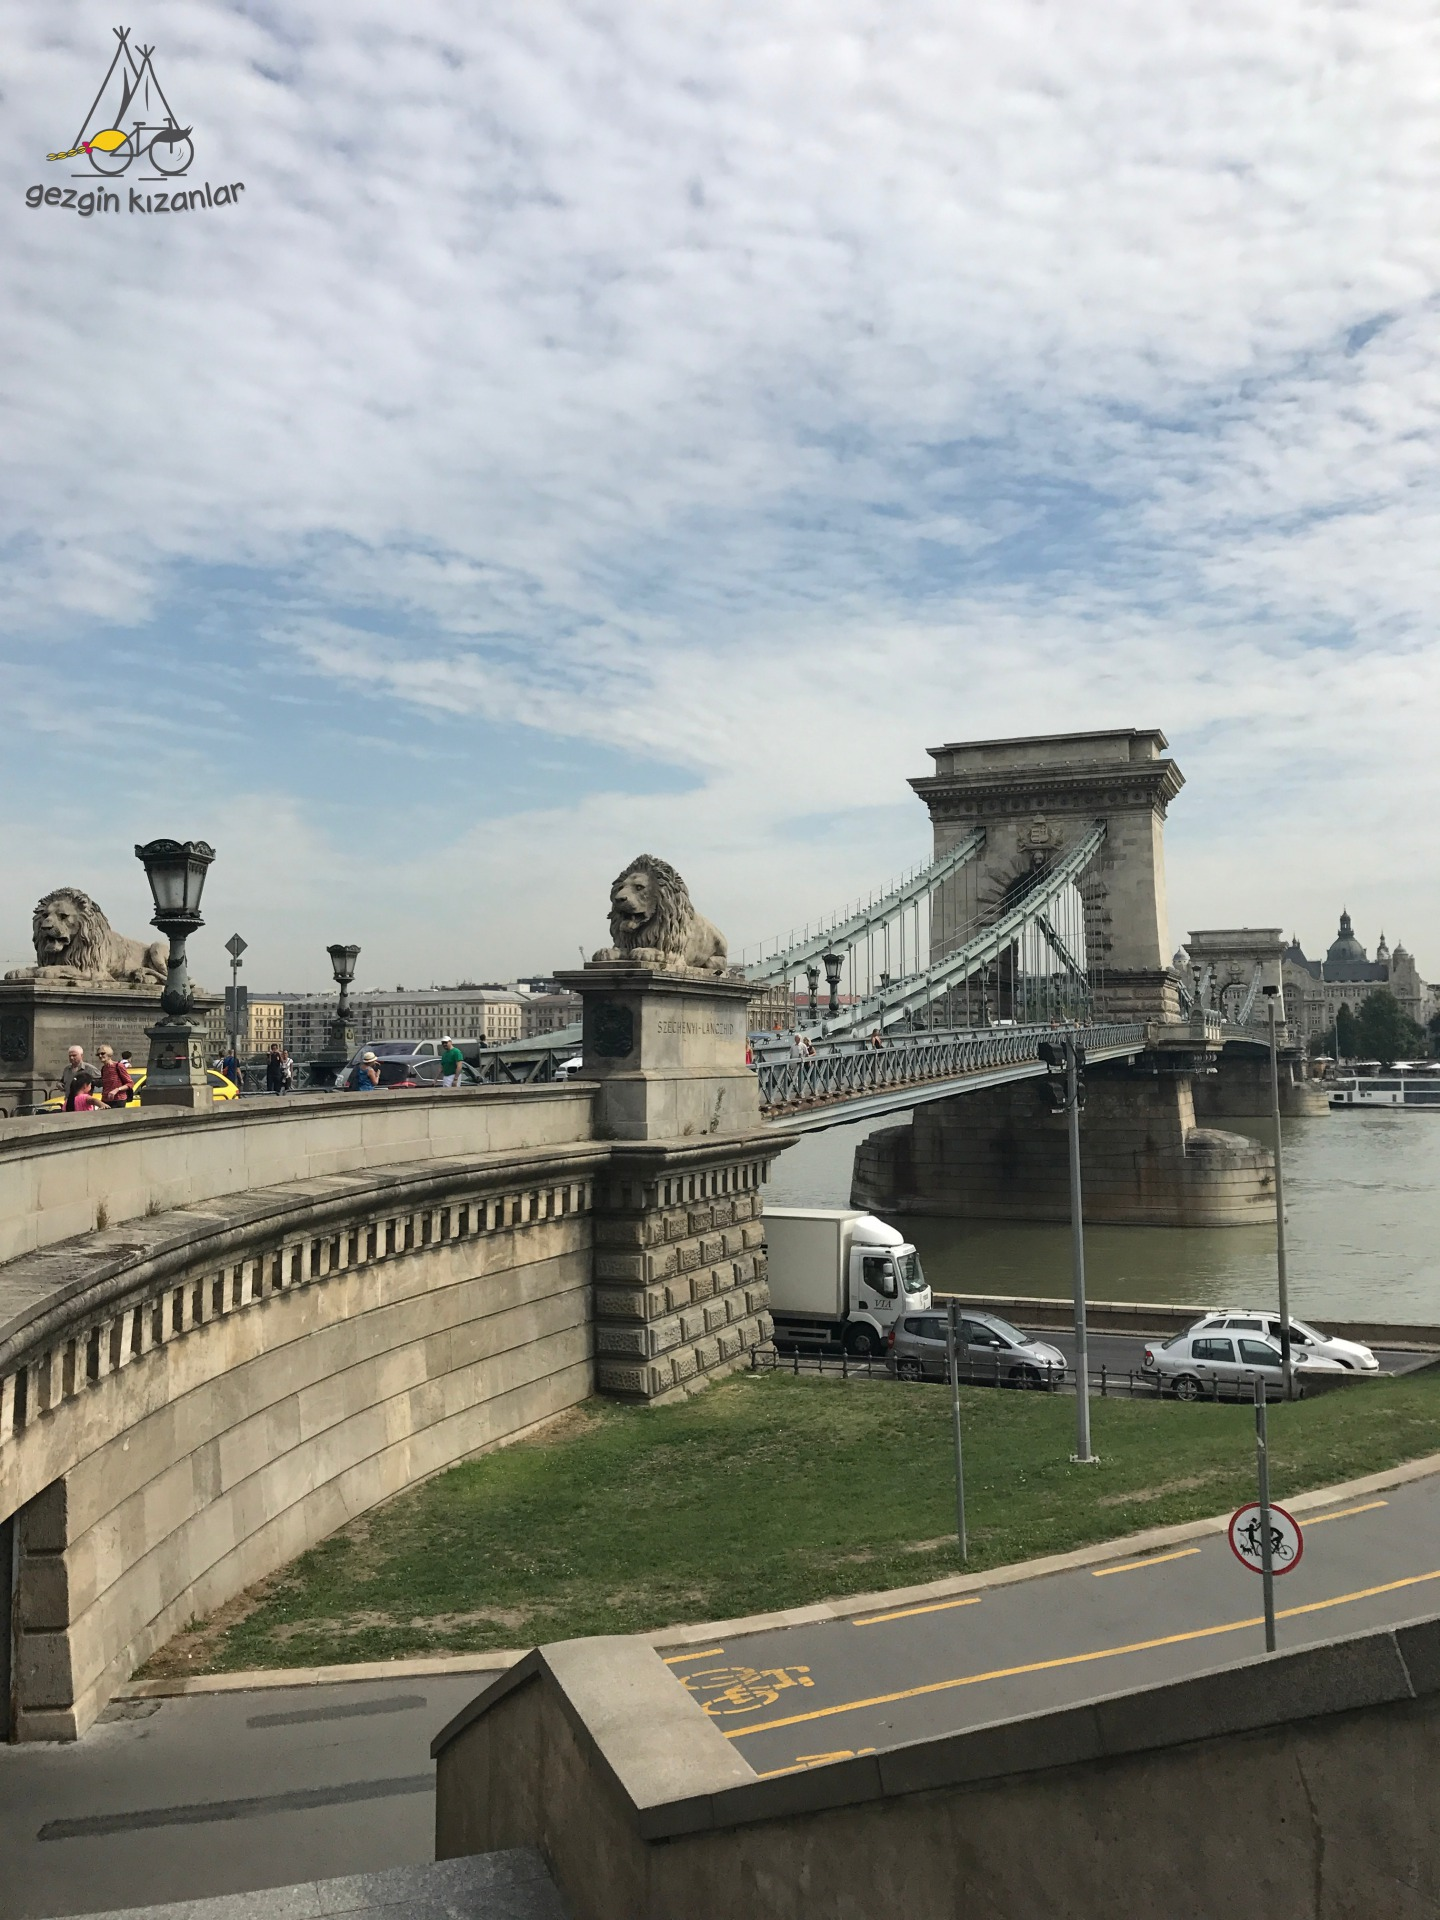 budapest-chain-bridge